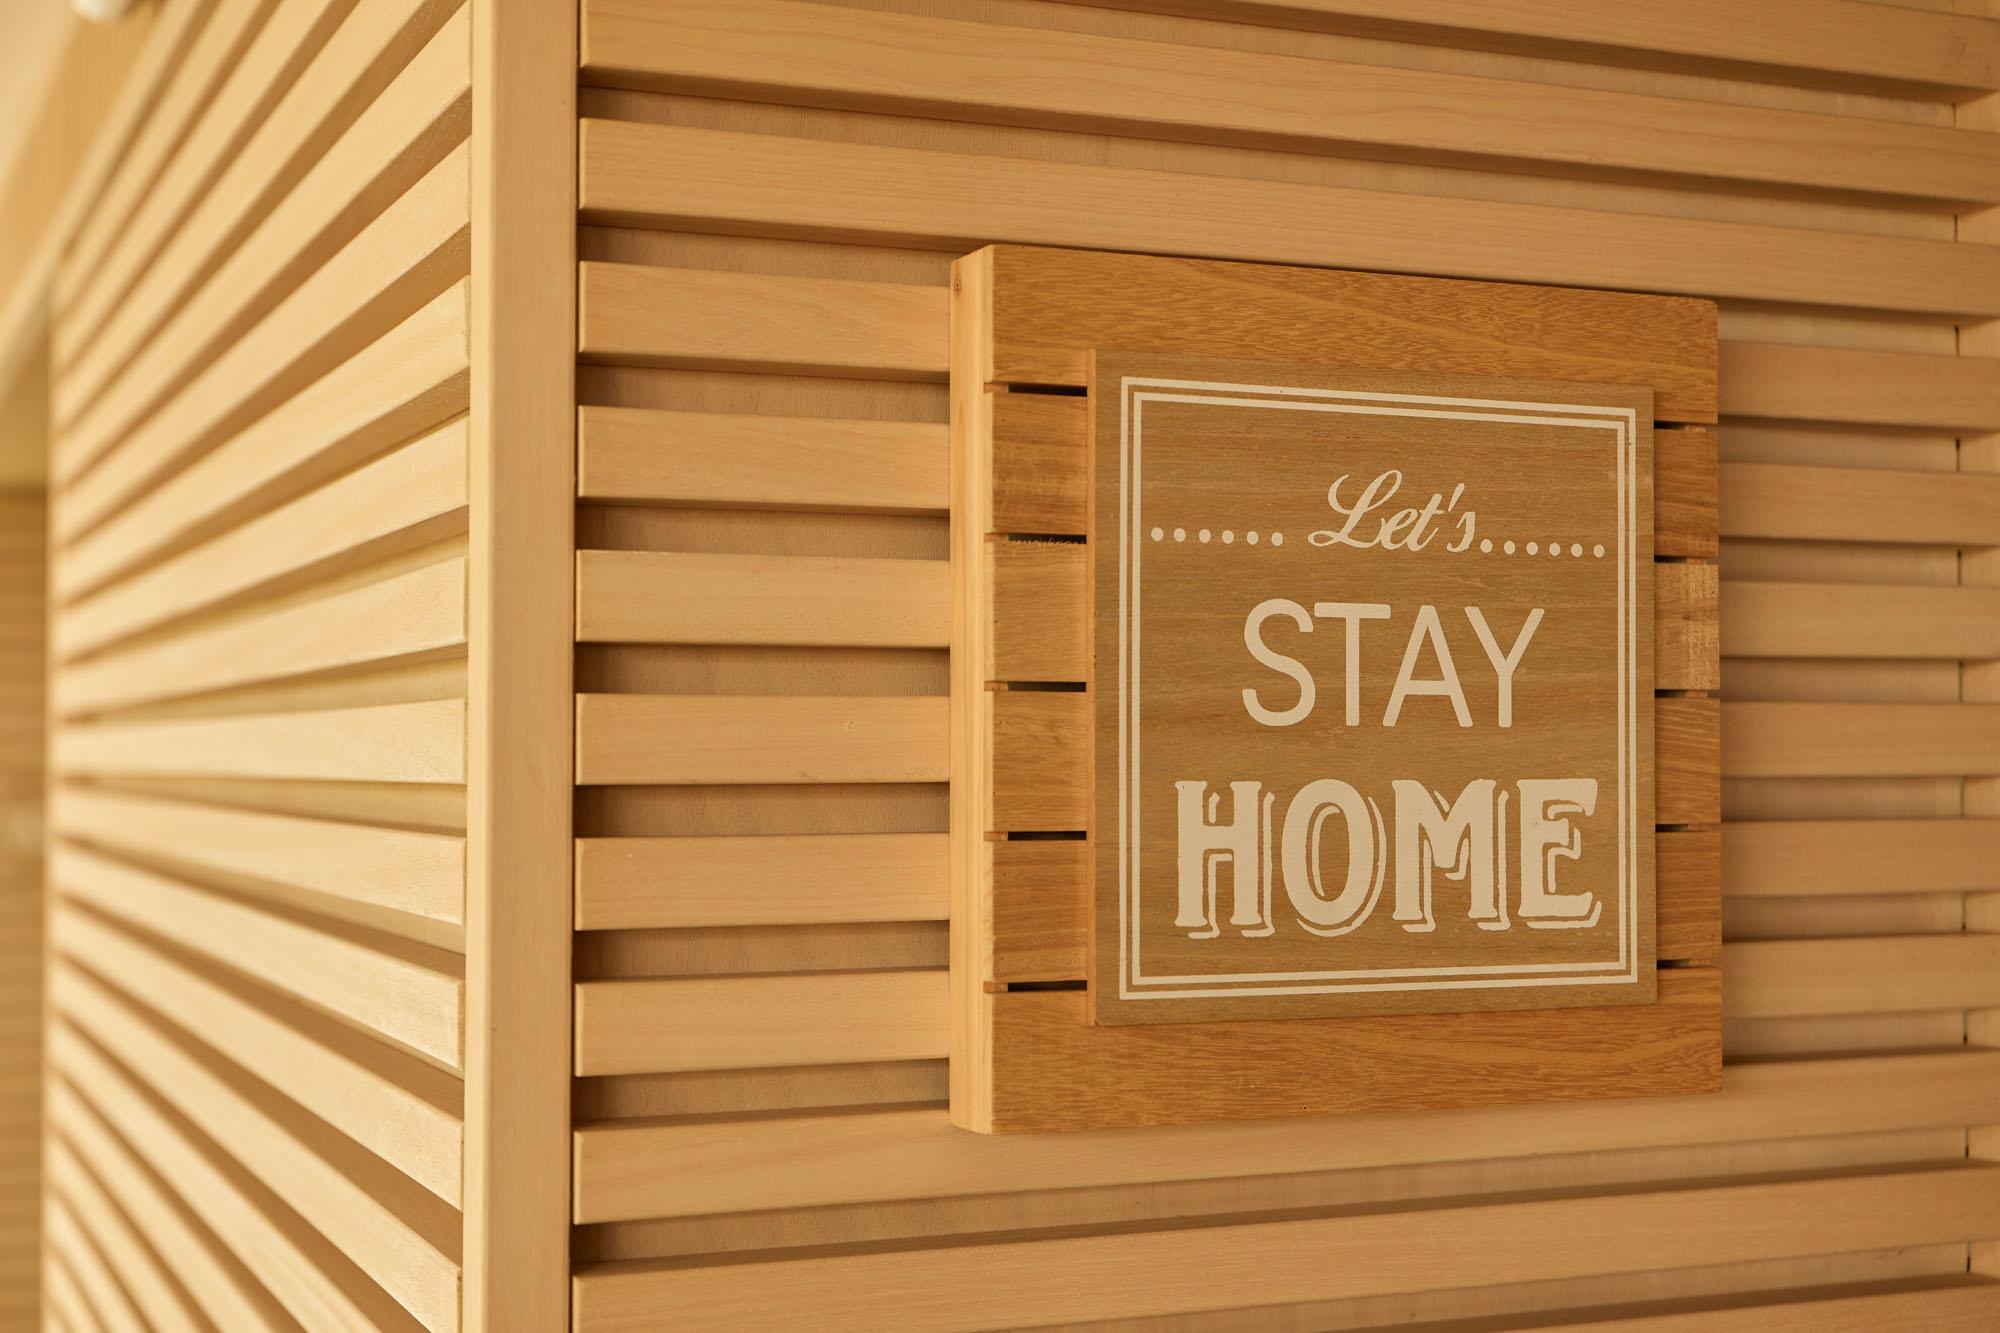 hotel saraceno 4 stelle milano marittima all inclusive con spiaggia privata distanziata stay home